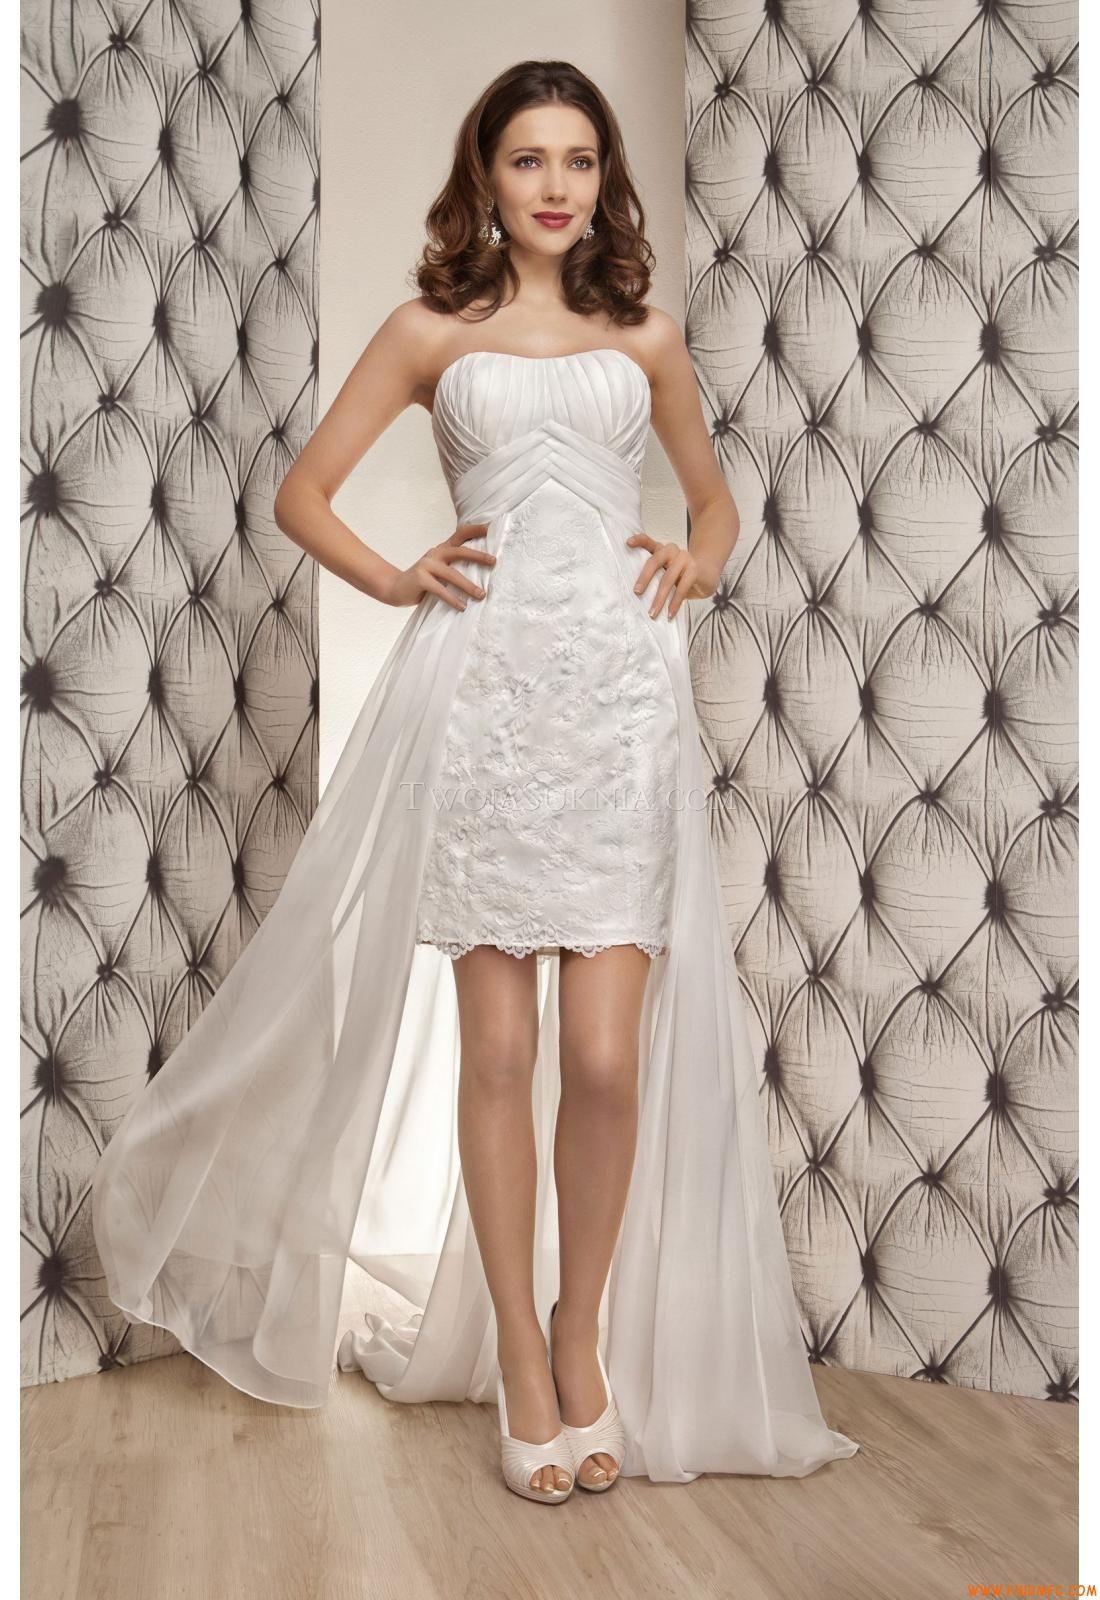 Vestidos de noiva OreaSposa L670 2014